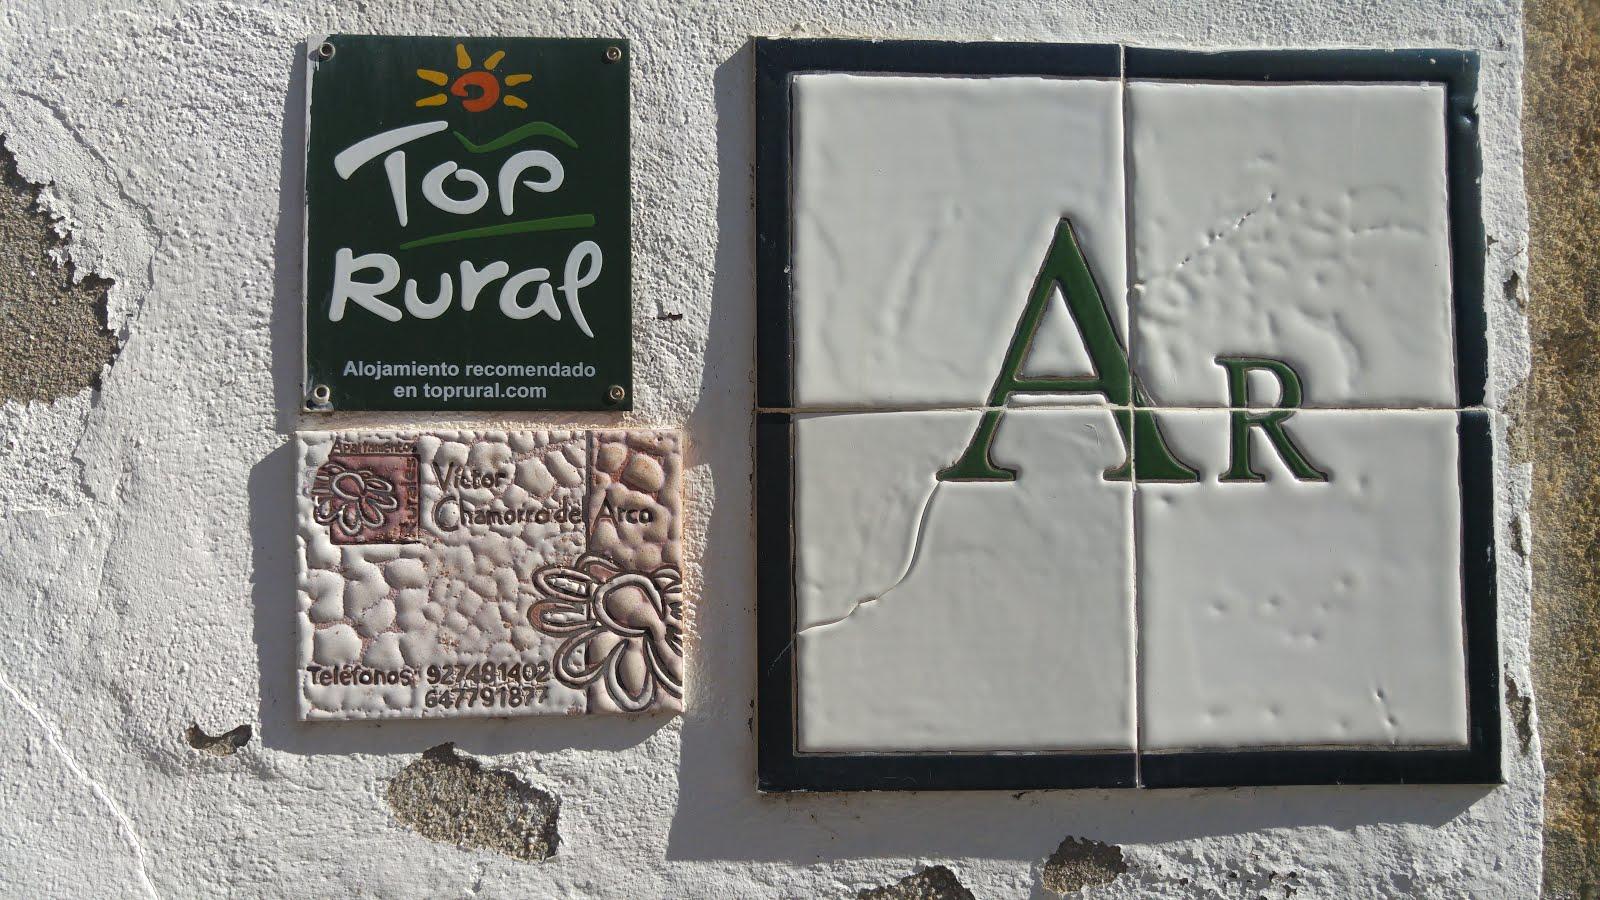 AMIGOS DE SOS ICTUS. APARTAMENTOS DE TURISMO RURAL